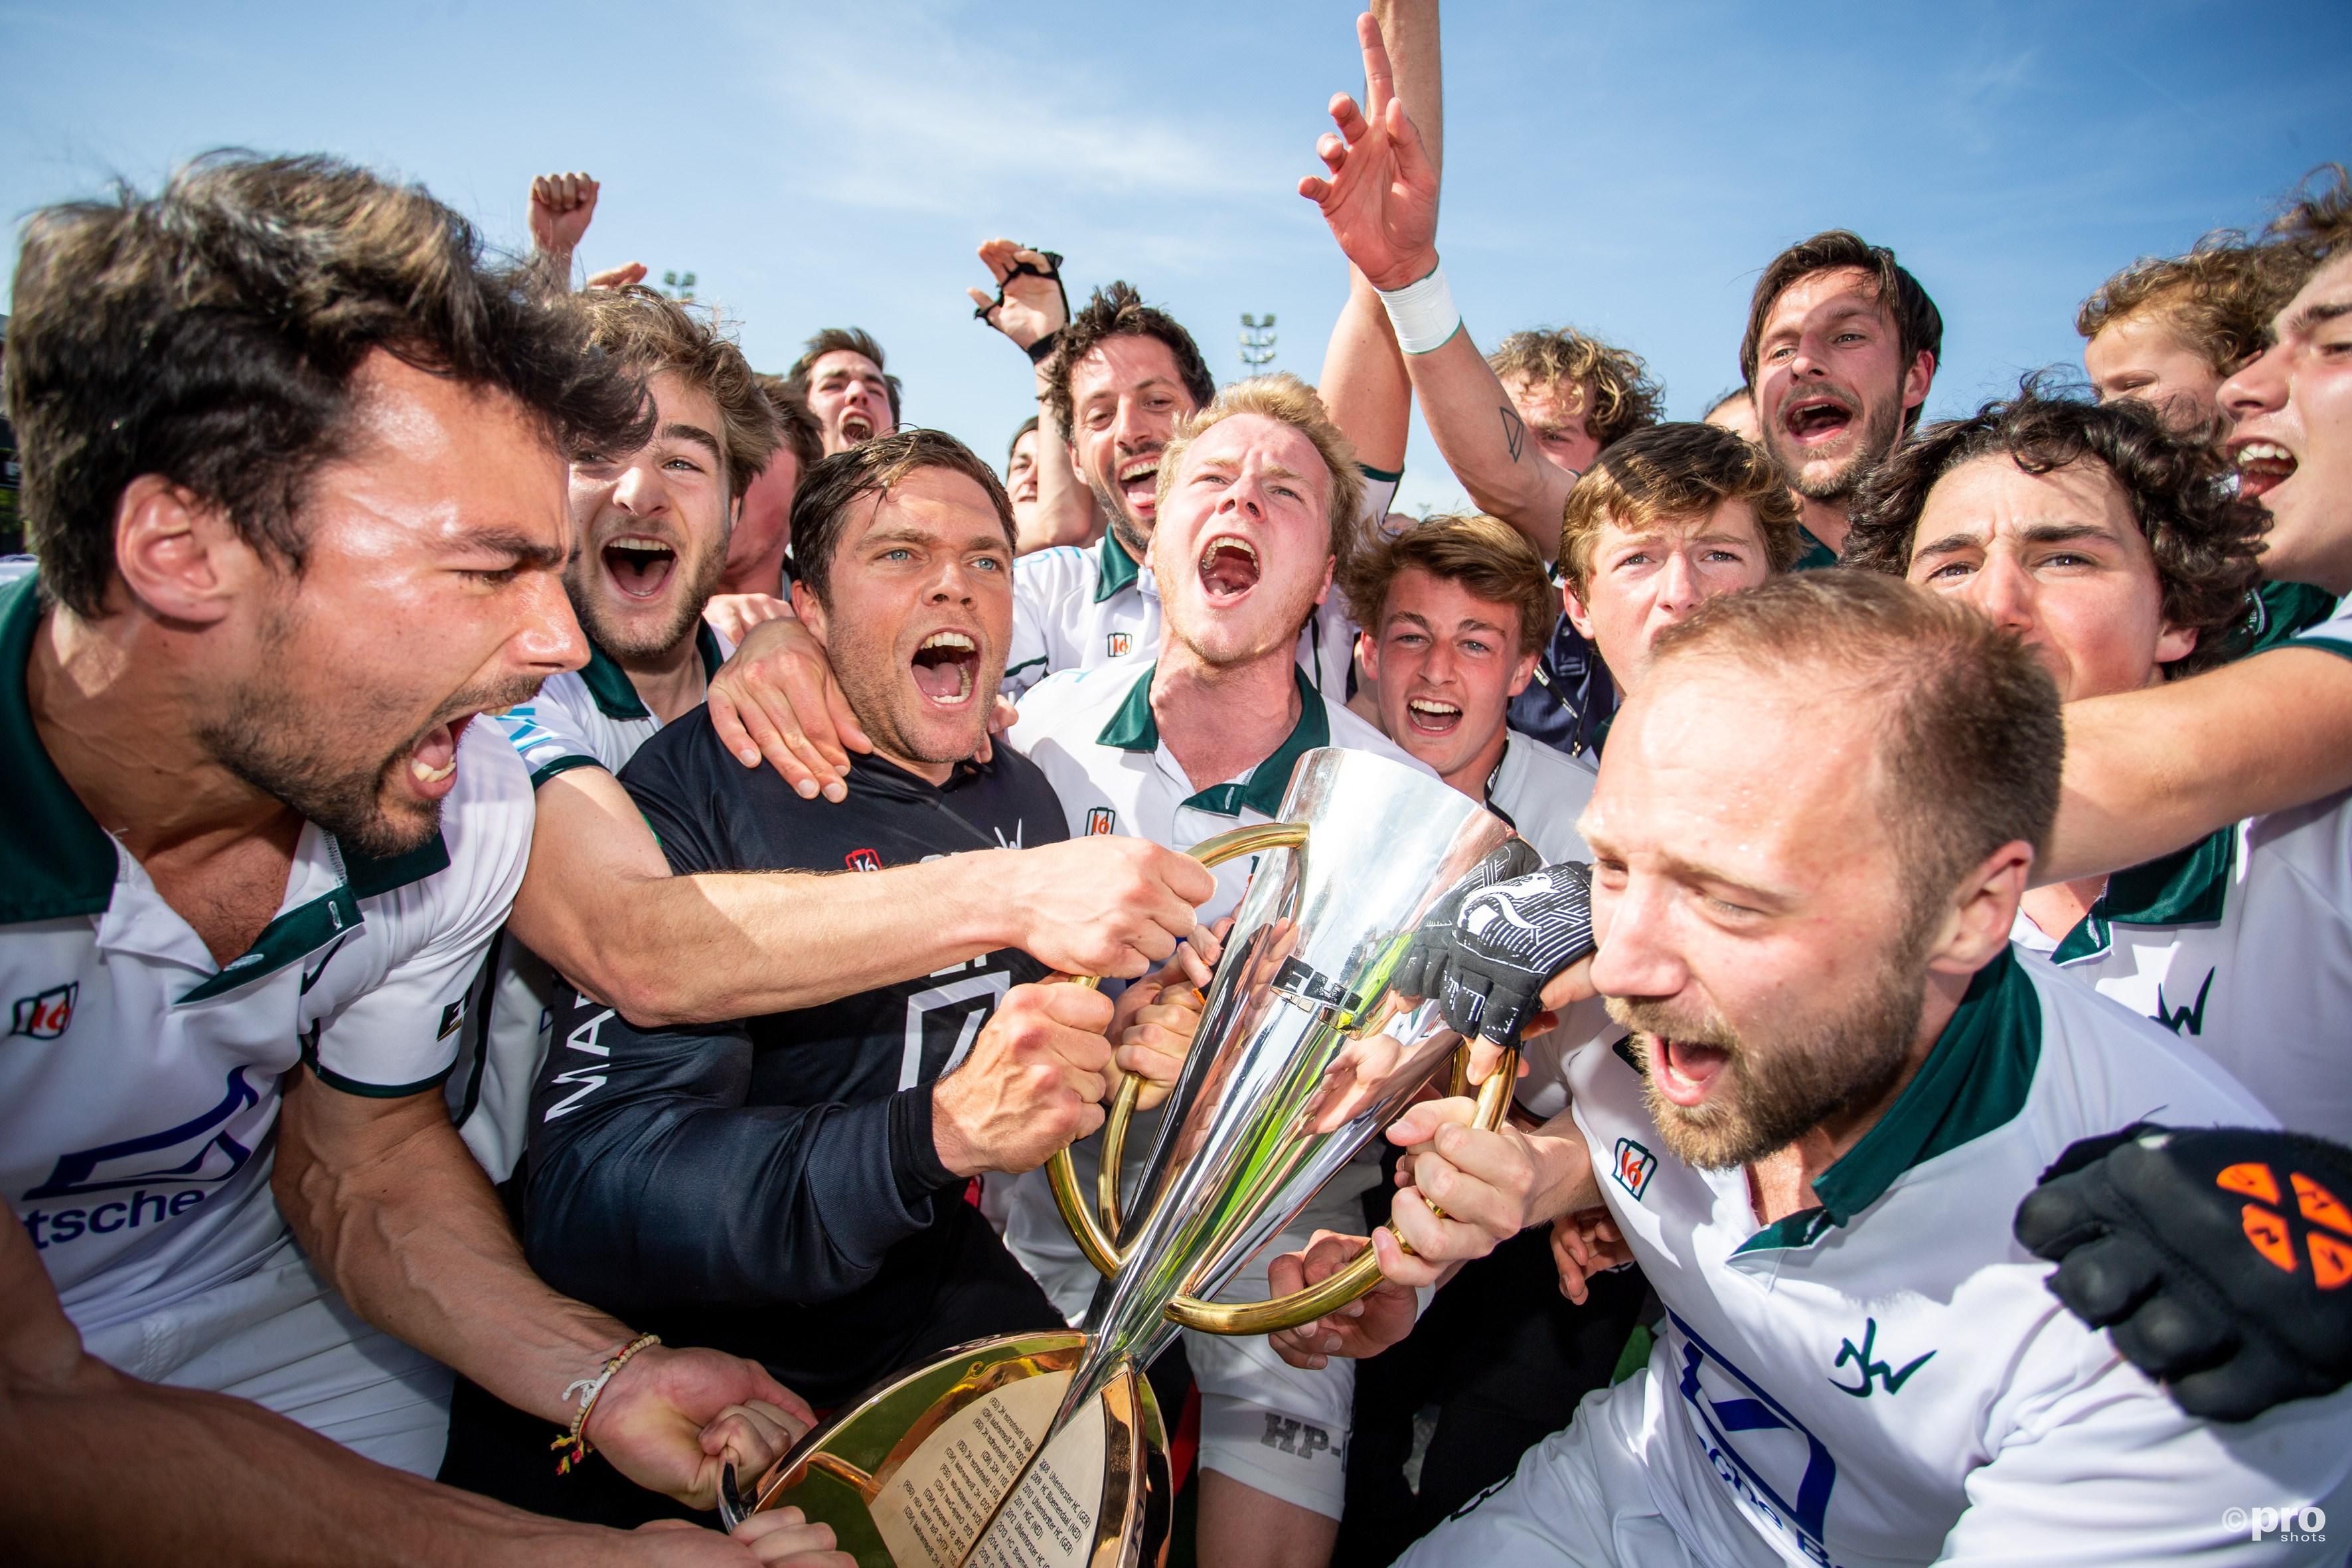 Waterloo Ducks winnen als eerste Belgische ploeg de EHL. (PRO SHOTS/Peter van Gogh)